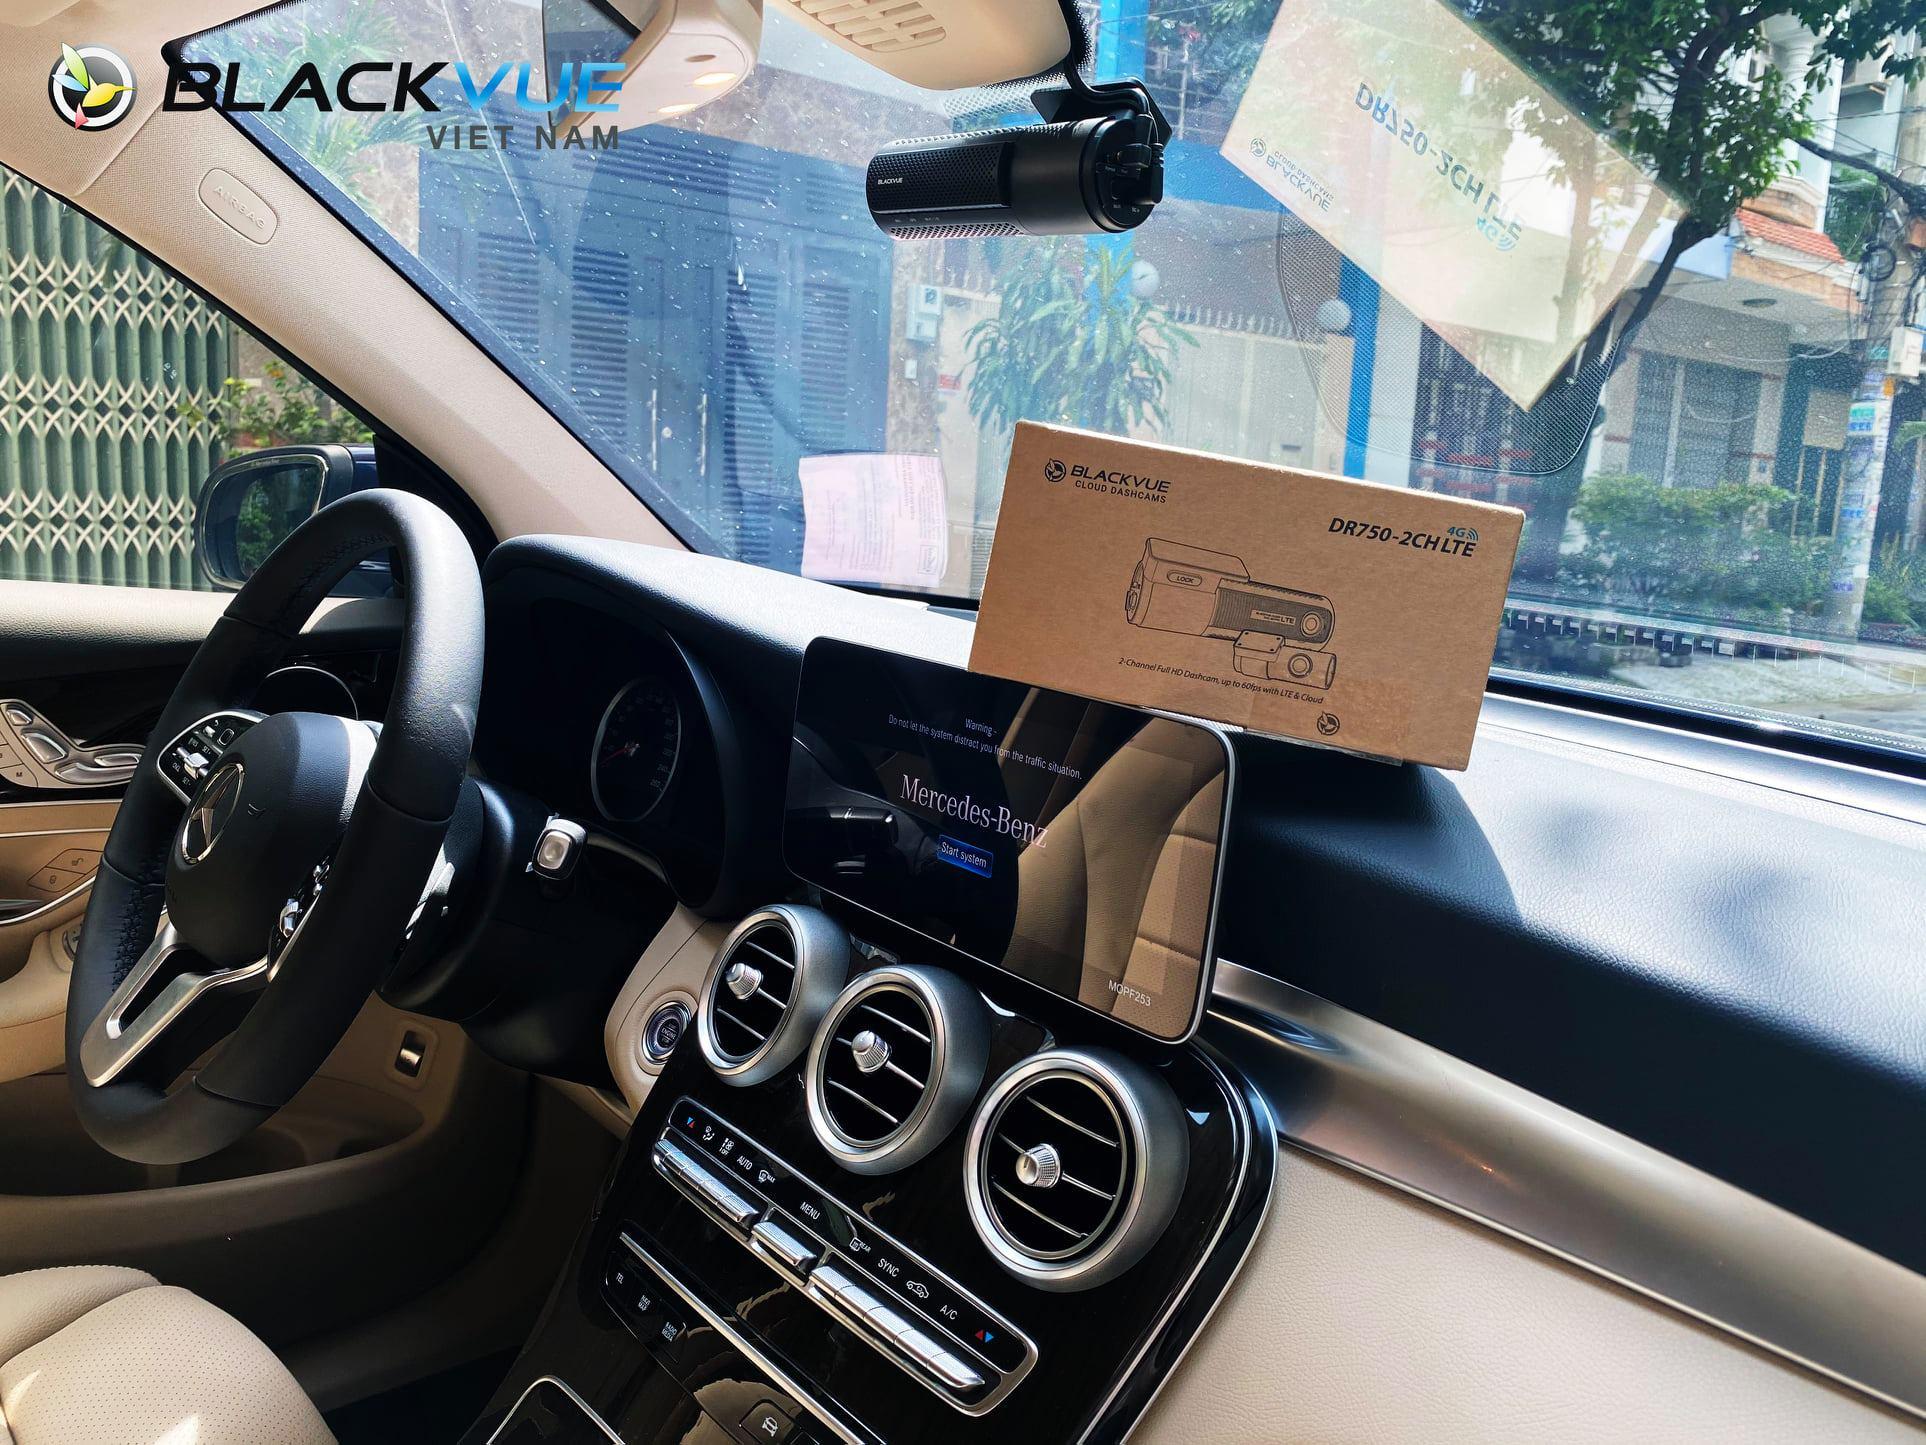 2 1 - Blackvue DR750-2CH LTE camera hành trình cao cấp chuyên dành cho xe sang